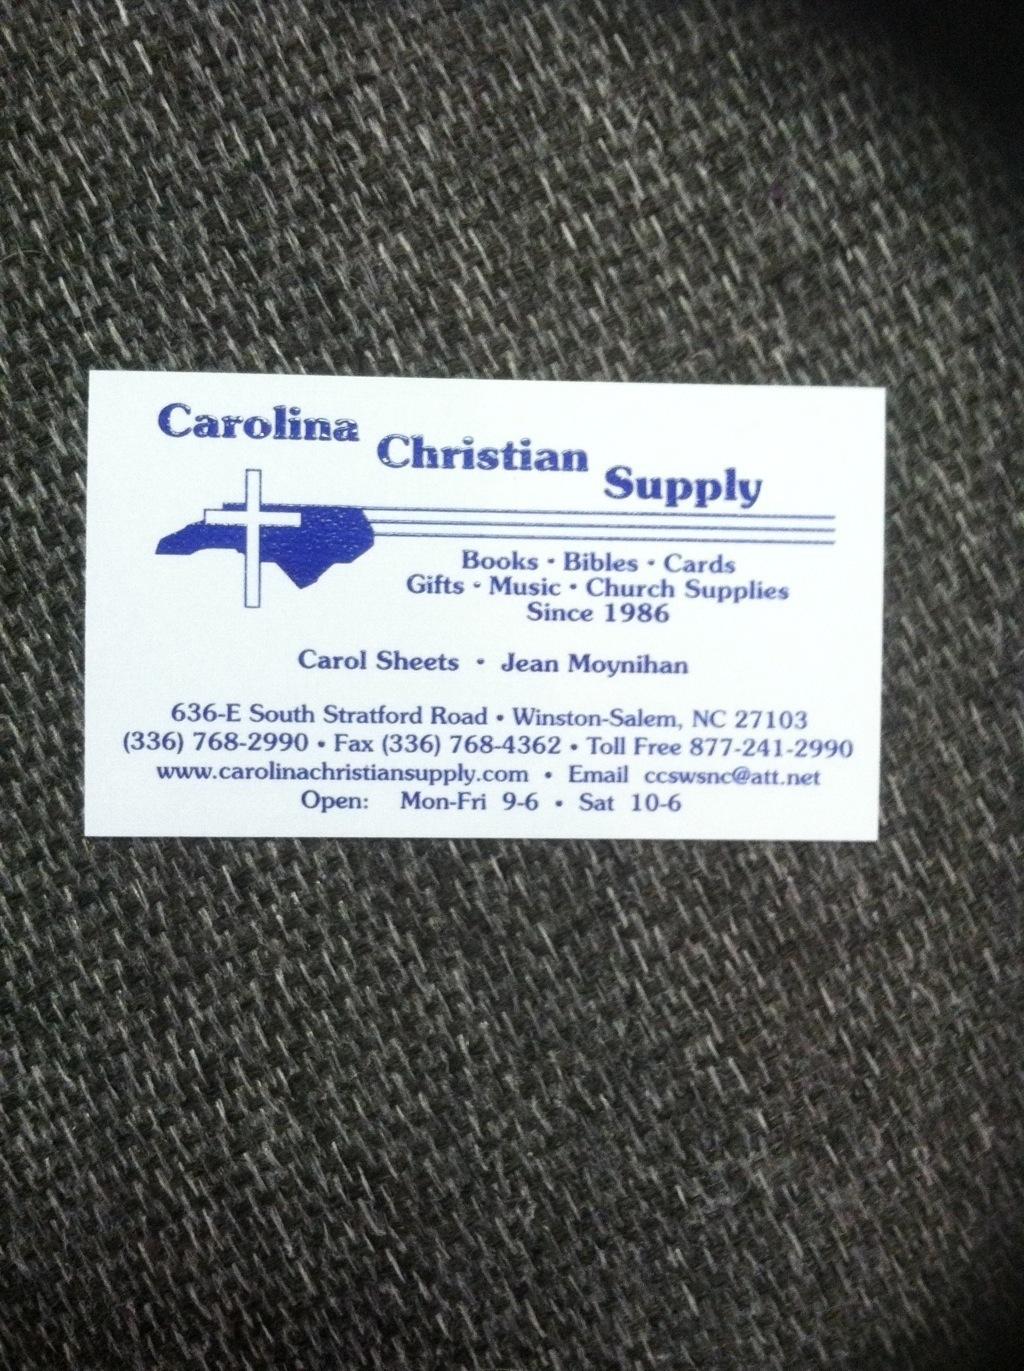 Carolina Christian Supply image 4